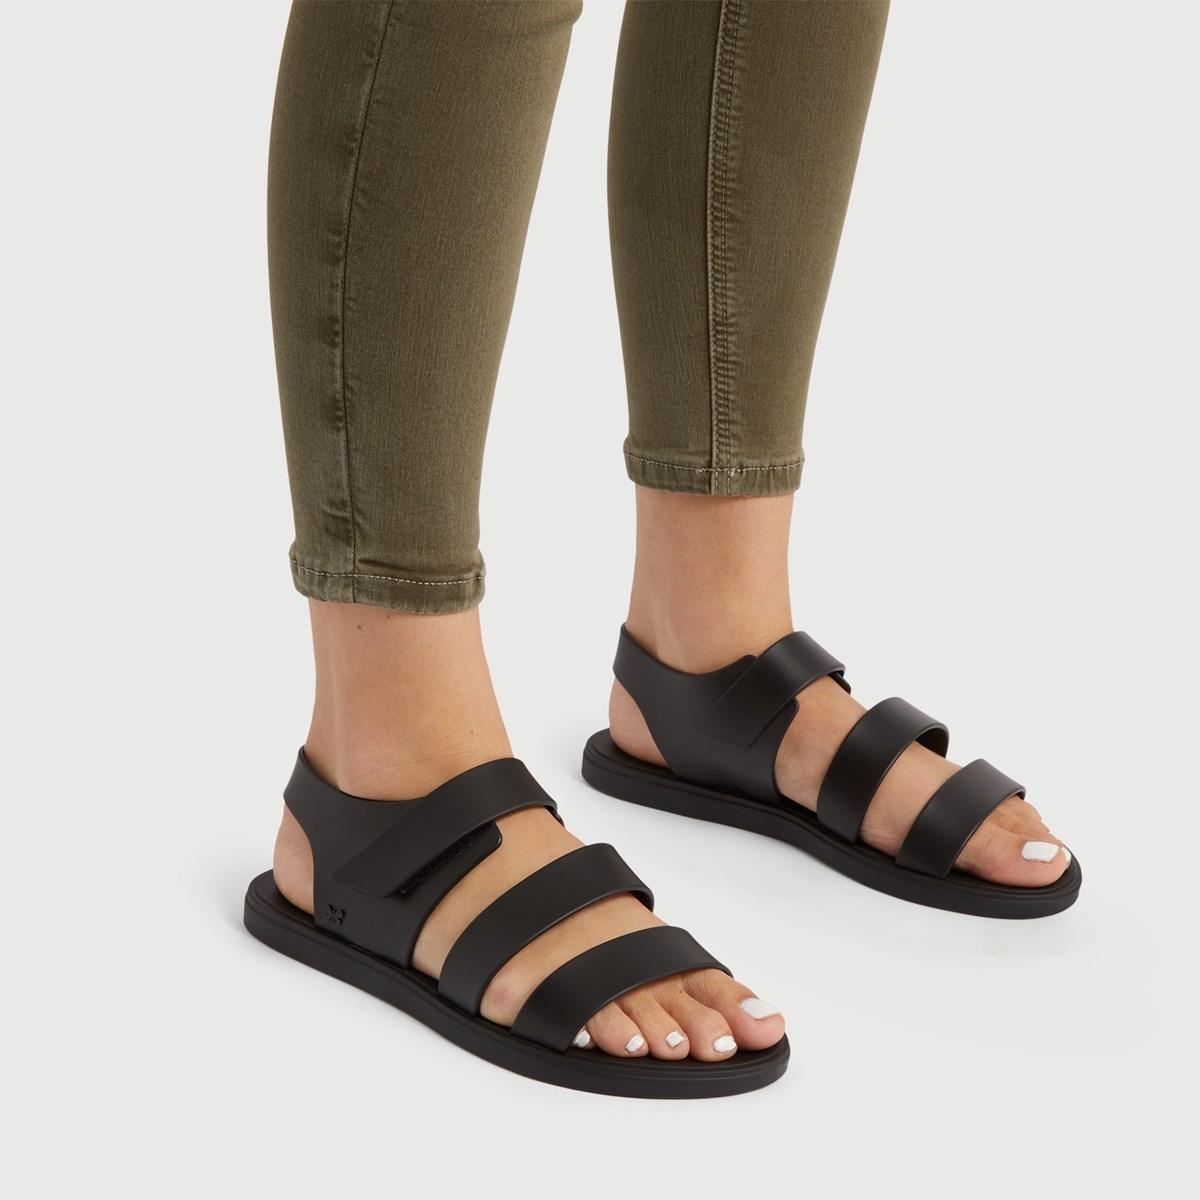 Sandales Athena noires pour femmes